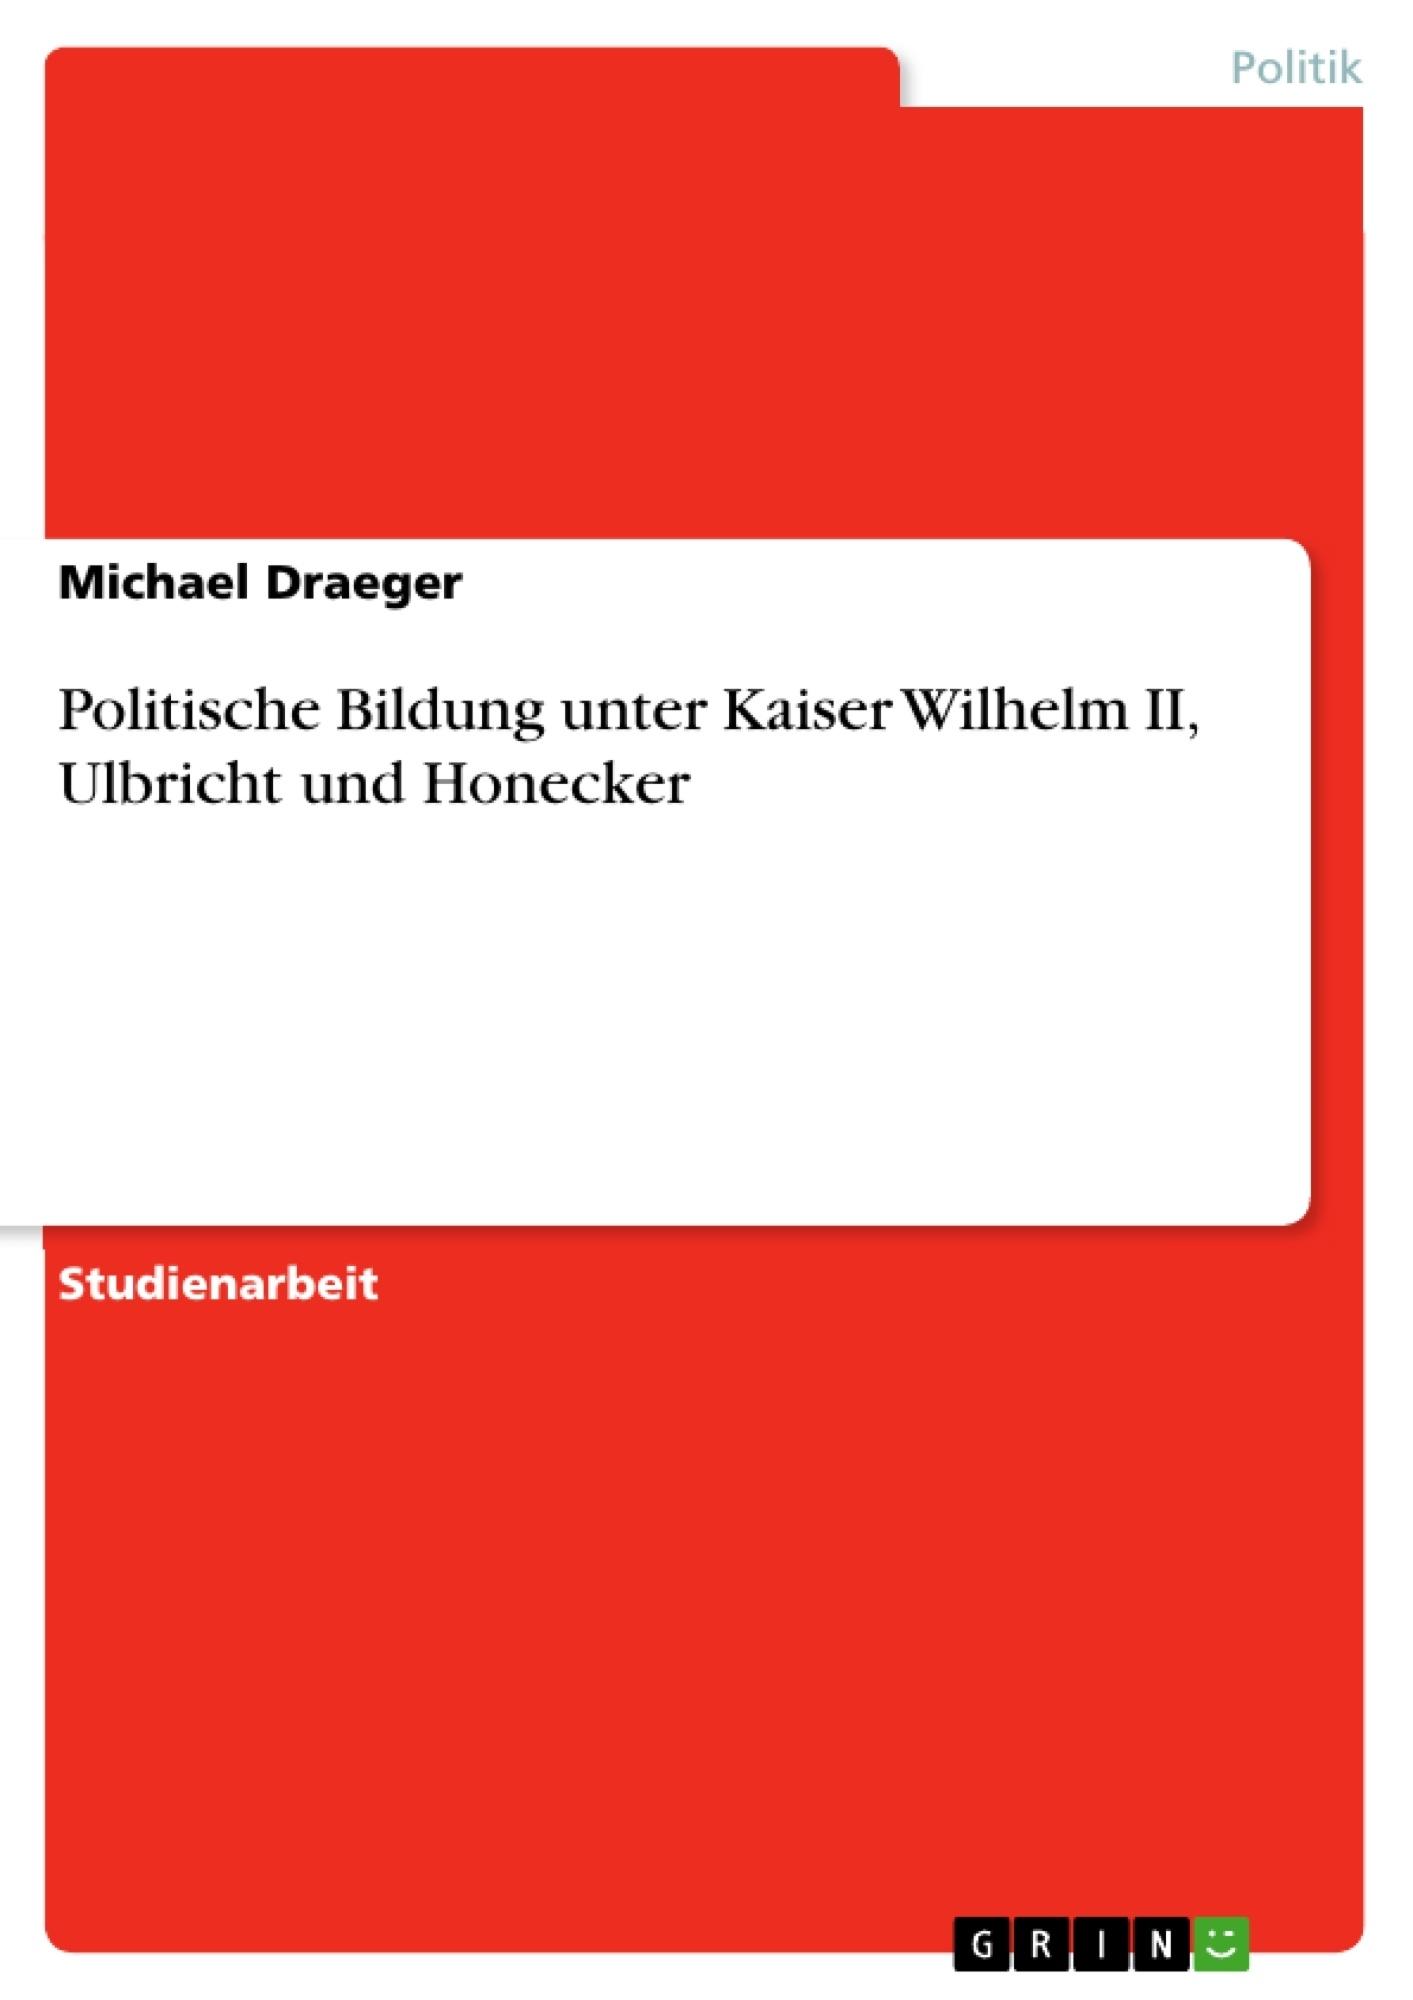 Titel: Politische Bildung unter Kaiser Wilhelm II, Ulbricht und Honecker